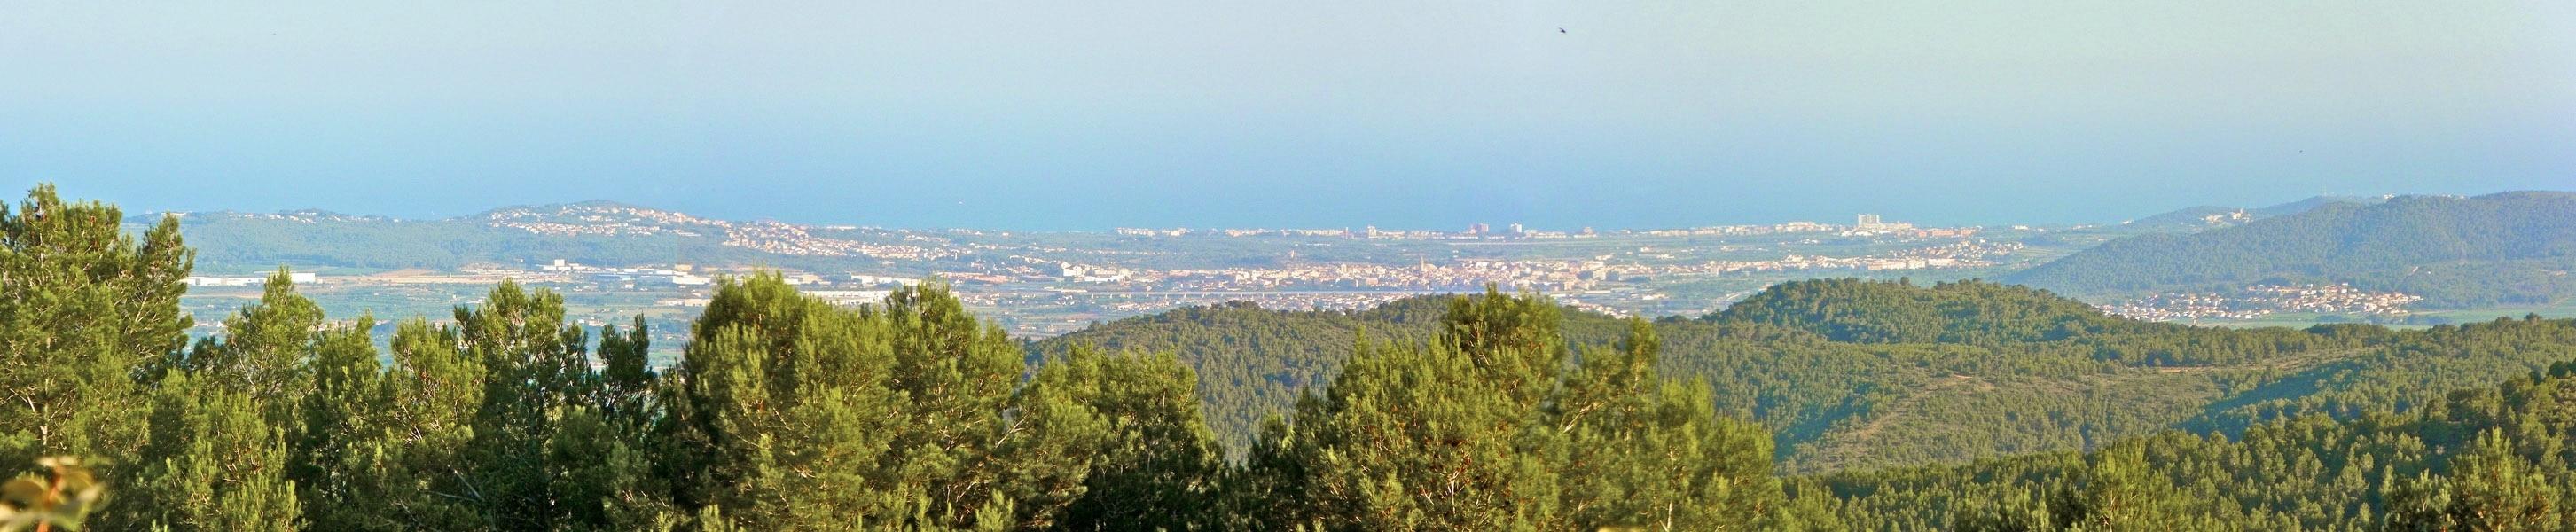 El Montmell, Catalonië, Spanje